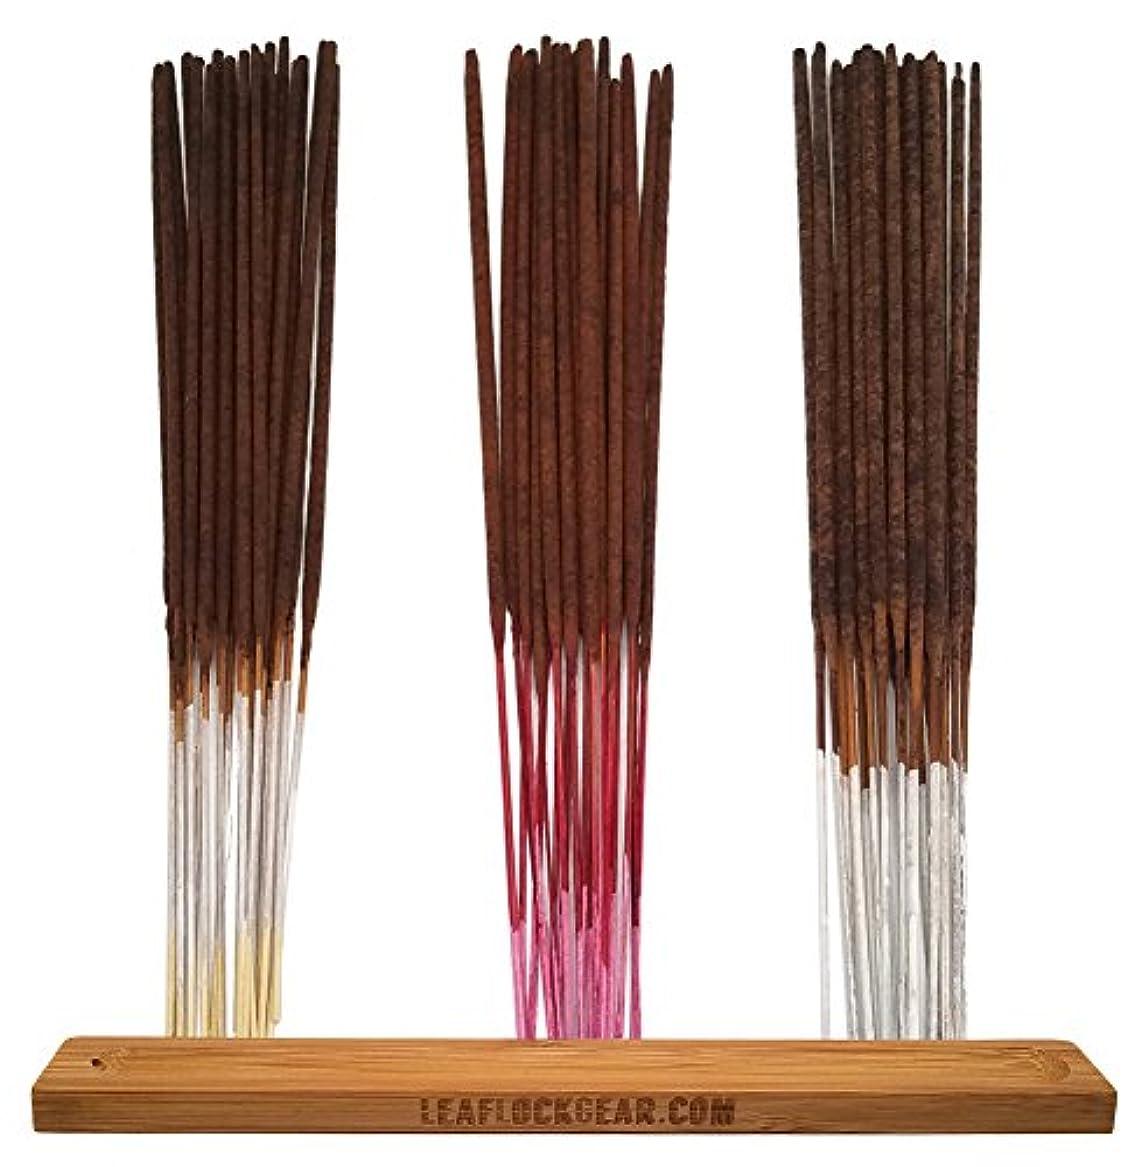 禁輸ペグ経済的バンドル – 61アイテム – Wild Berryお香「バニラ」香りサンプラー。Includes 20 Sticks各のバニラ、チェリーバニラ、と梨バニラwith Incense Stick Burner